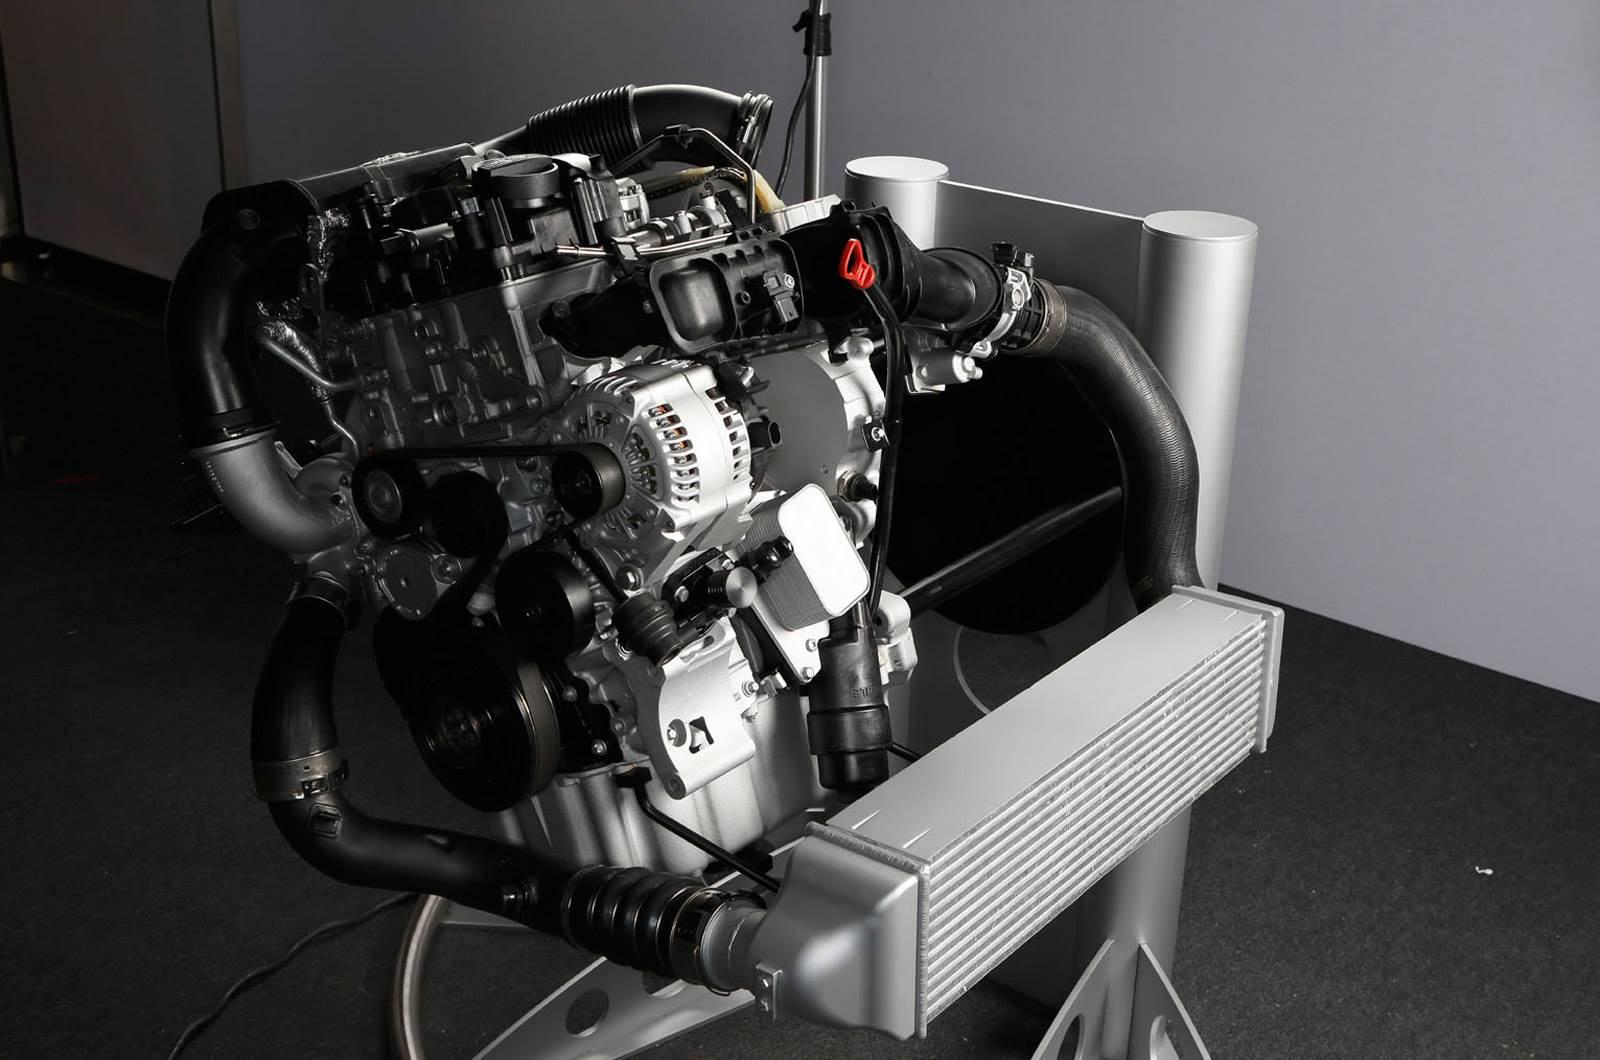 BMW reveals new three-cylinder engine